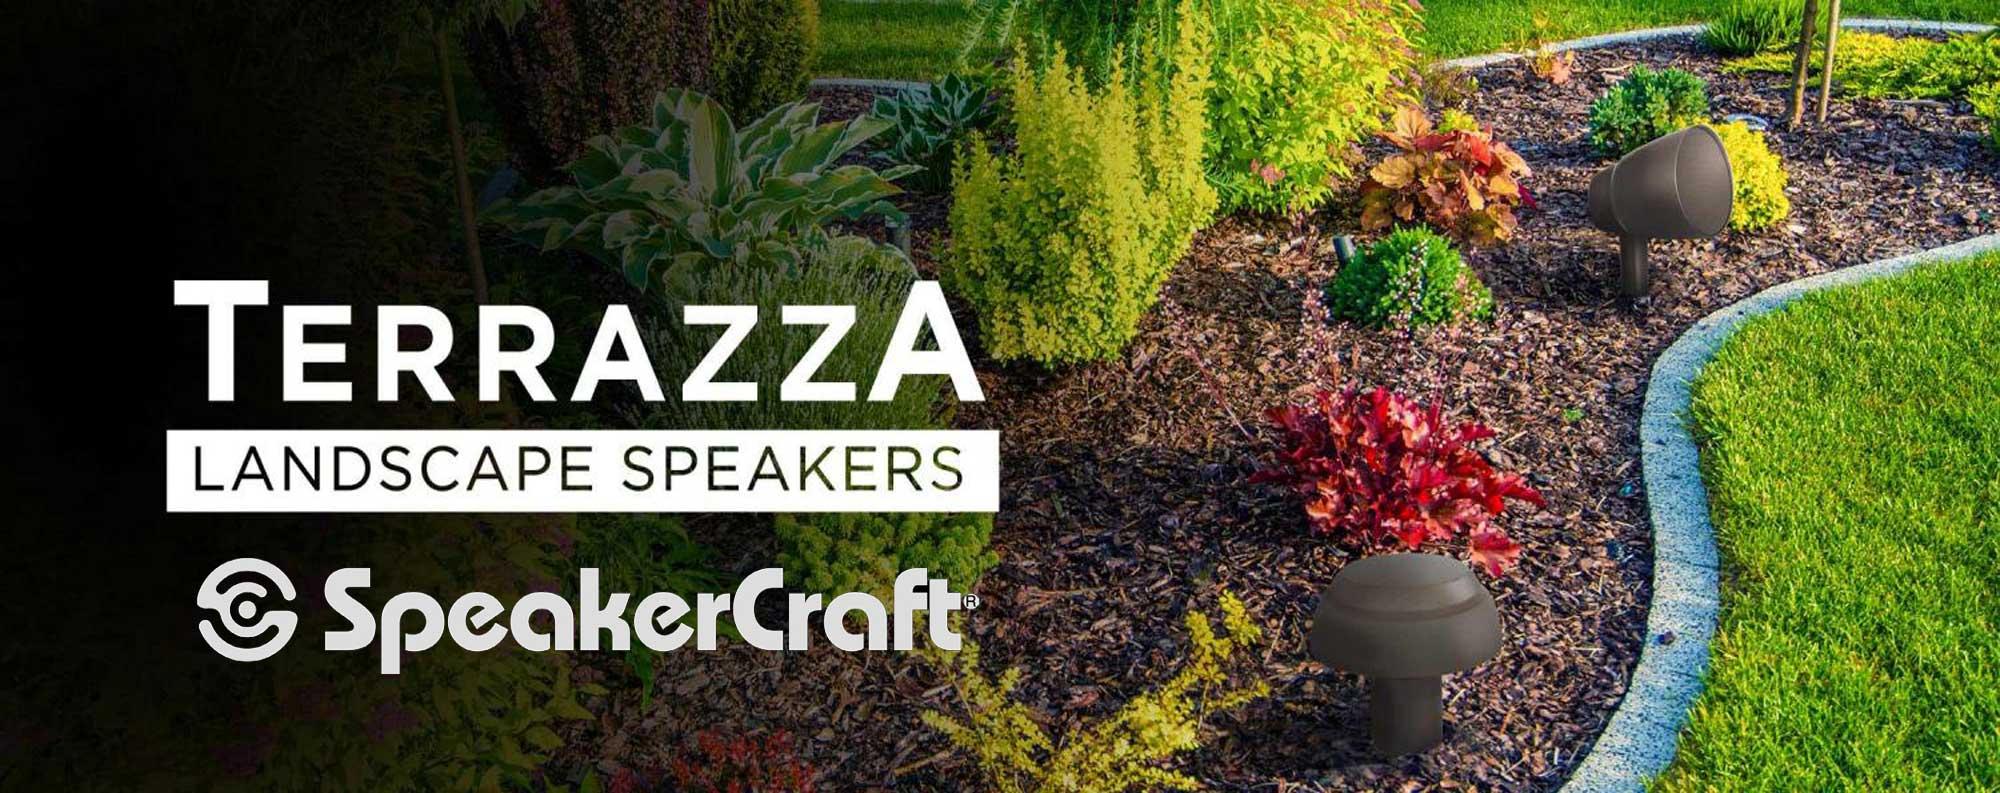 Speakercraft Outdoor Speakers